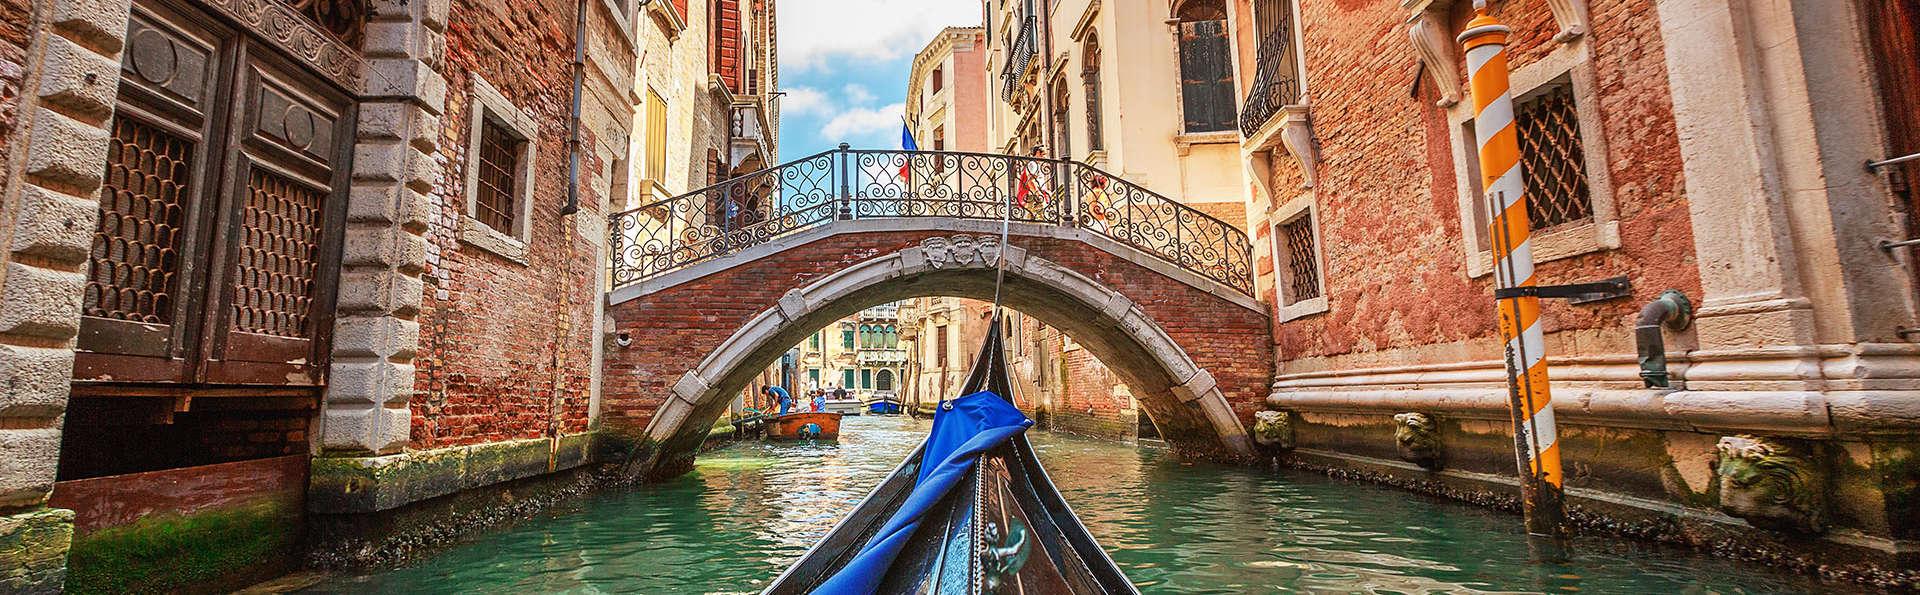 Charme et luxe 5 * au cœur de Venise